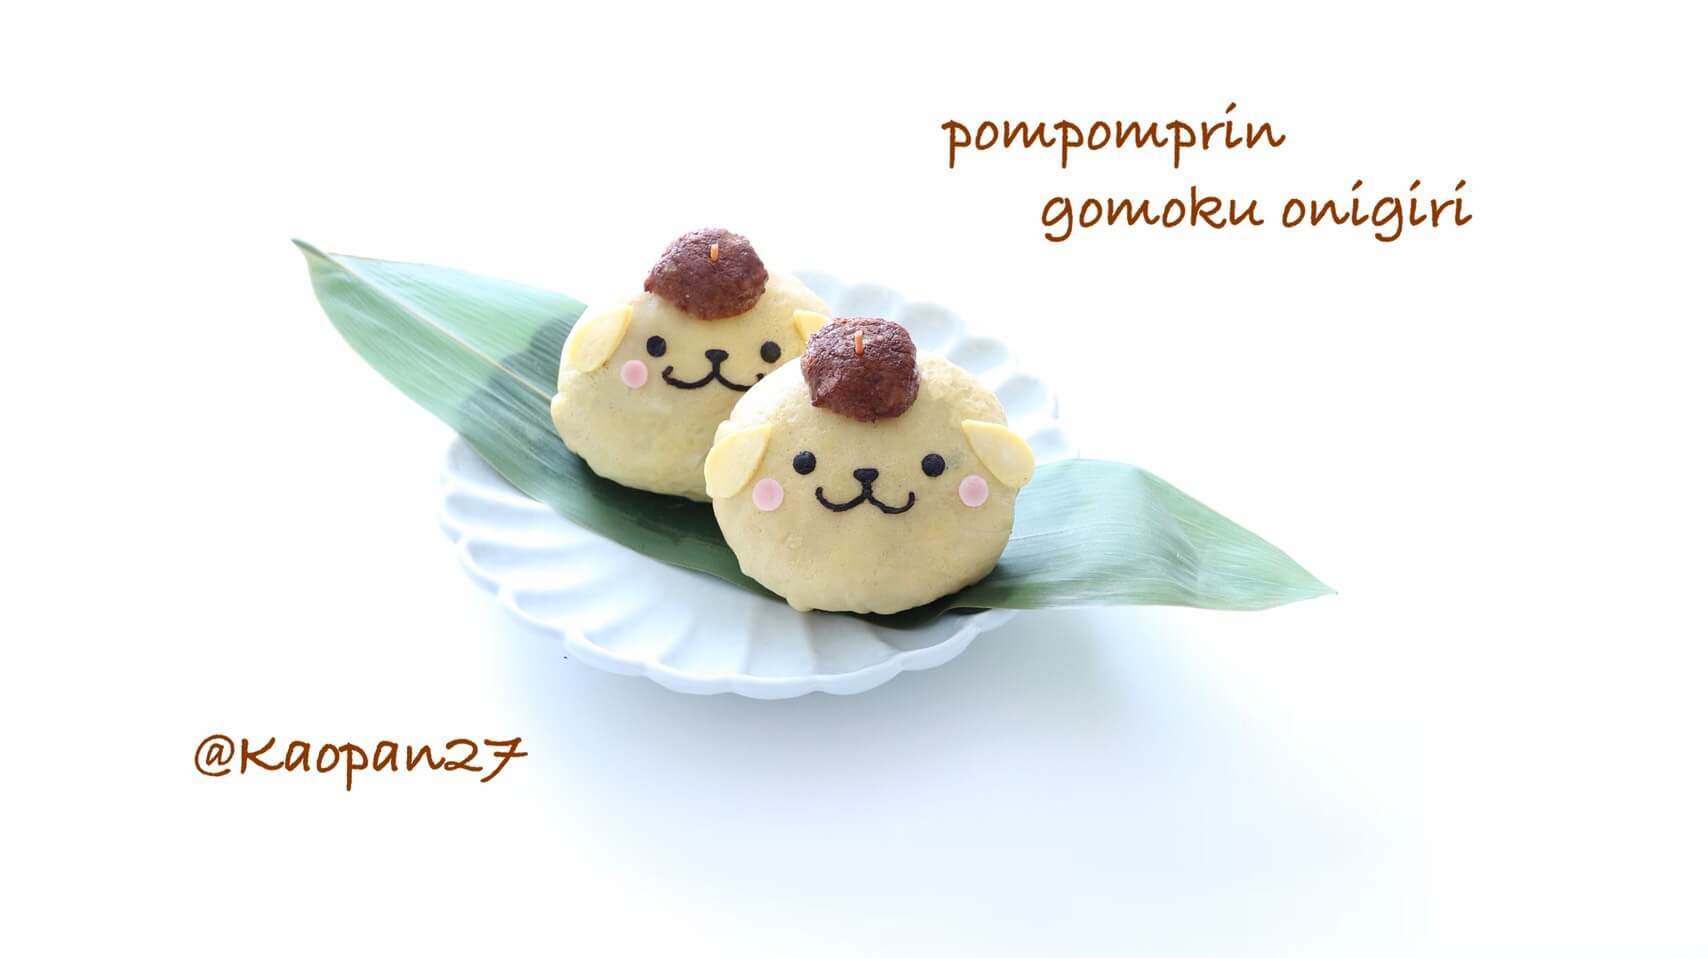 ポムポムプリン レシピ pompompurin Recipe 布丁狗 食譜5